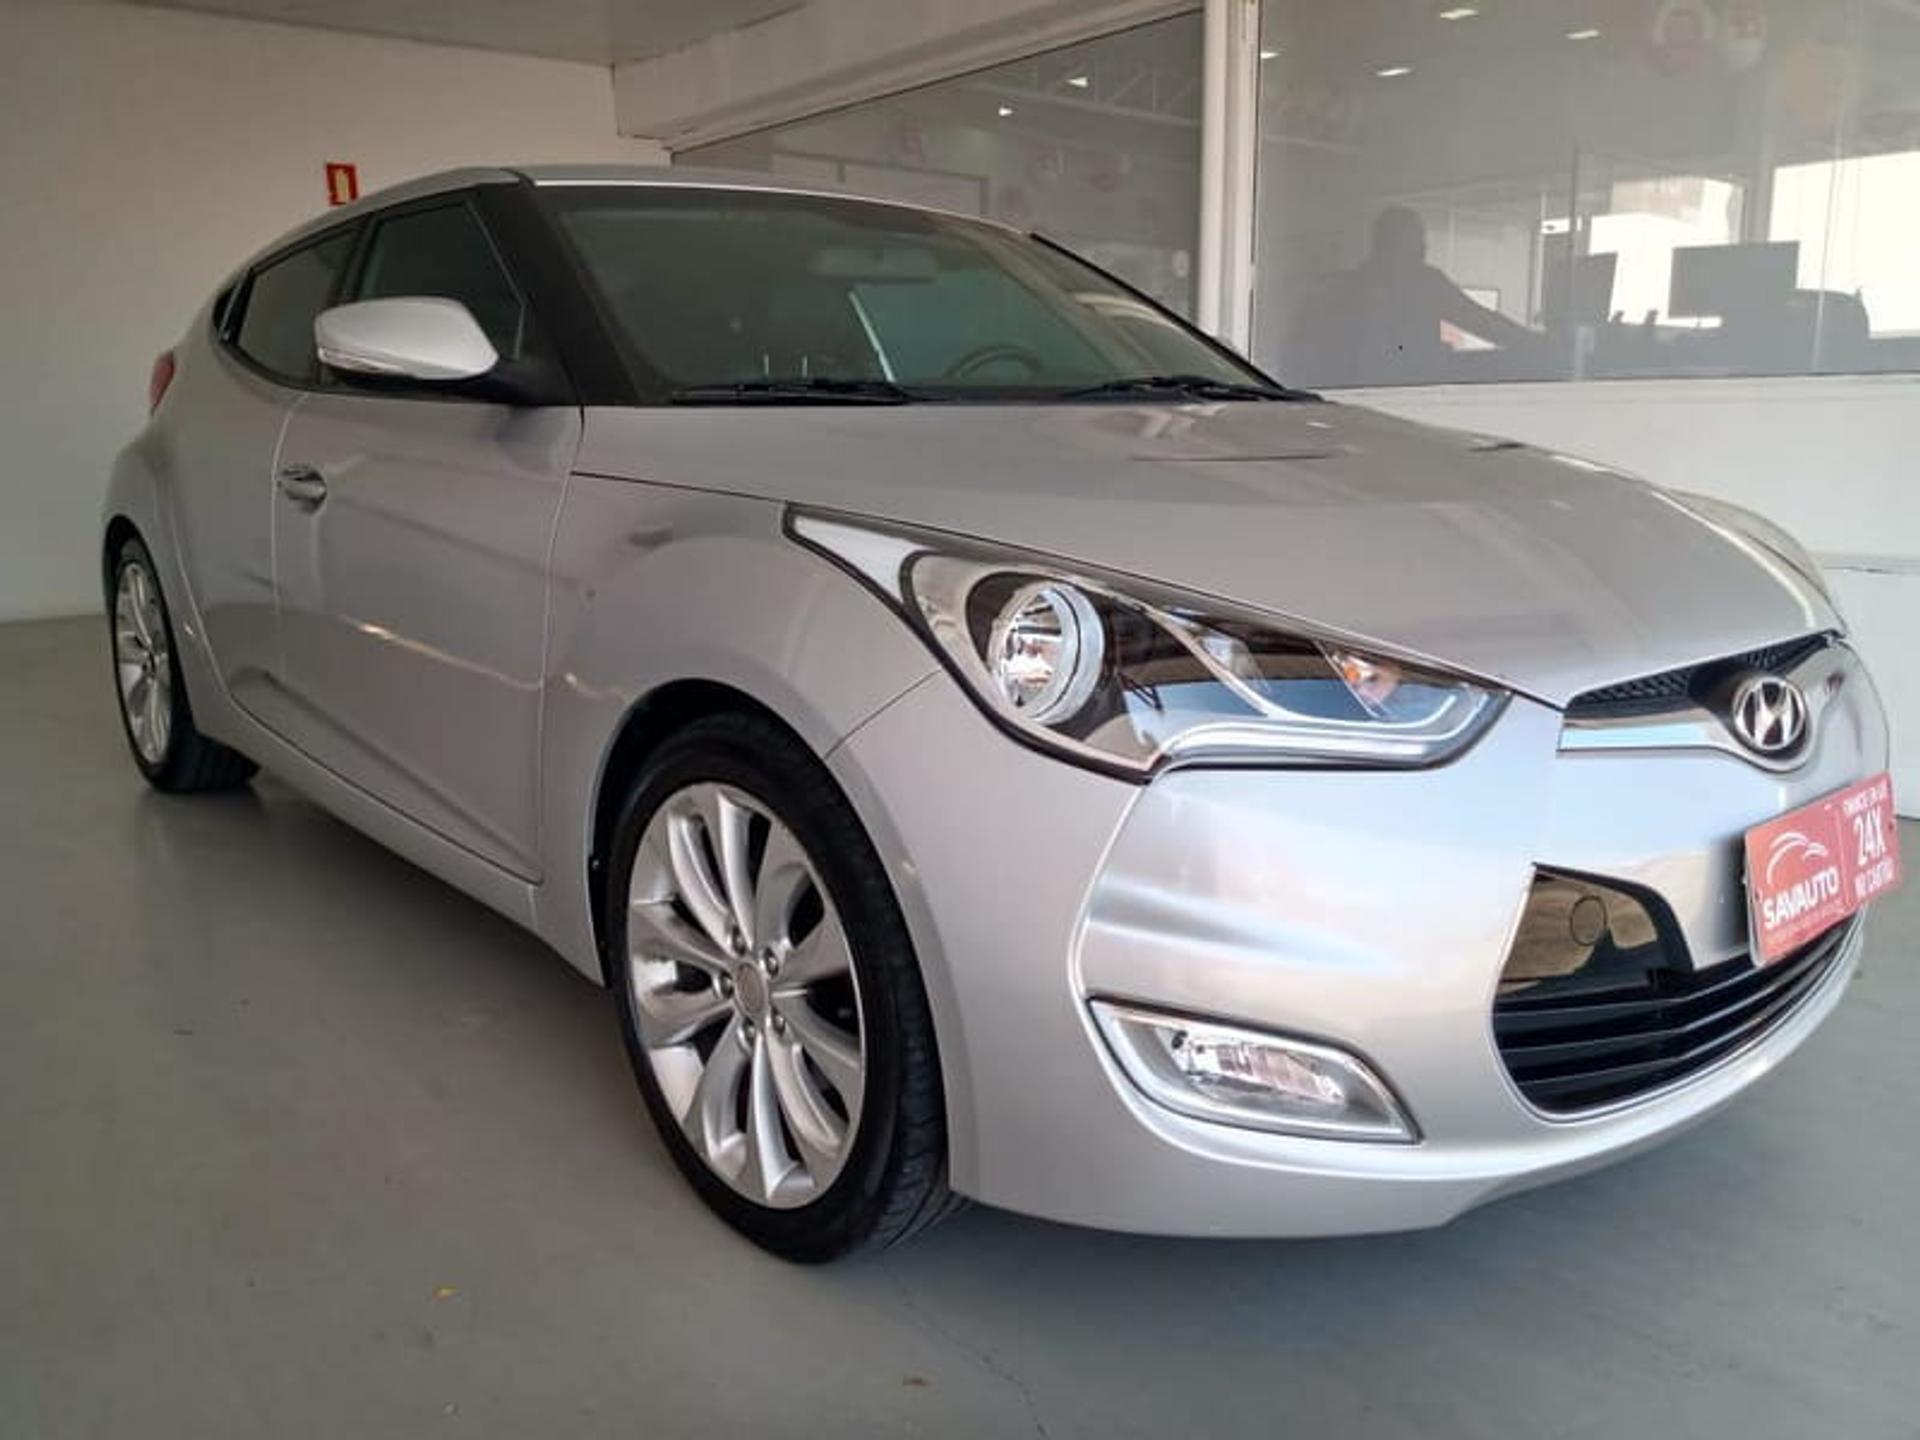 Hyundai Veloster 1.6 16v Gasolina 3p Automatico Wmimagem19405748169